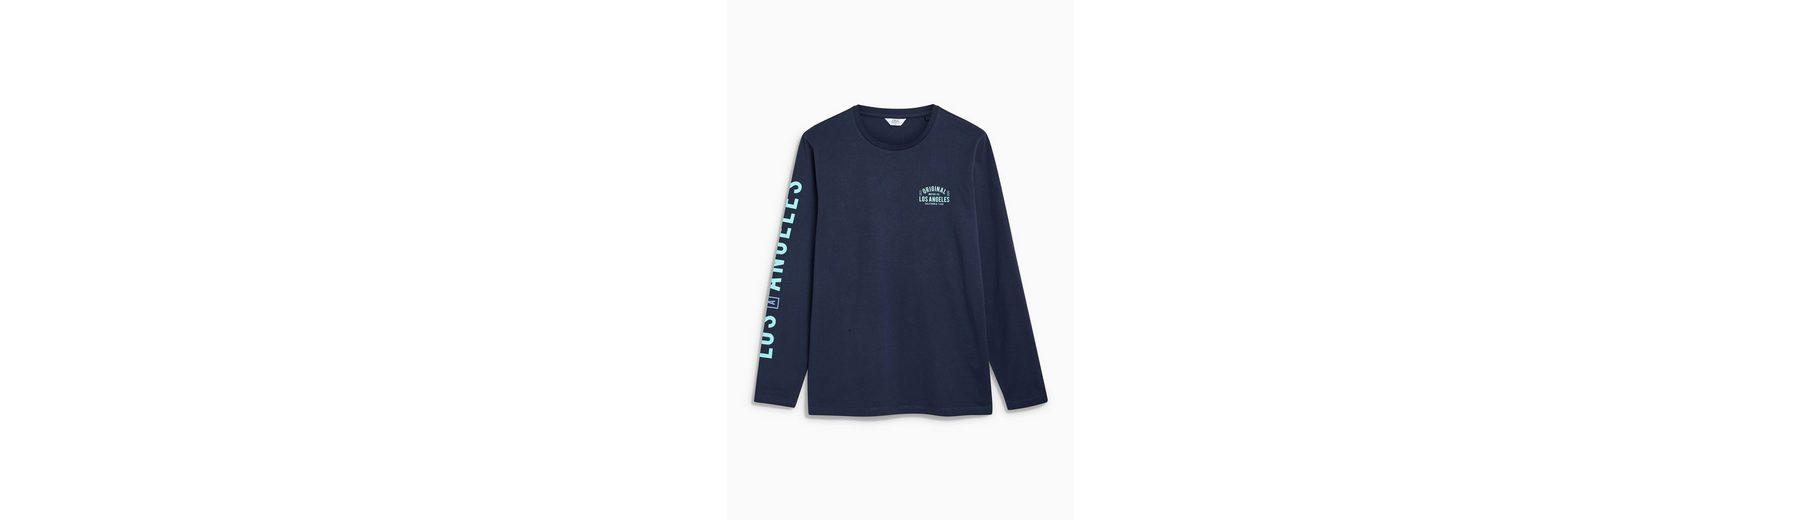 Next Langarm-T-Shirt mit Aufdruck Bester Ort Viele Arten Von Zum Verkauf Beste Wahl  Online-Verkauf BK2oGA2q